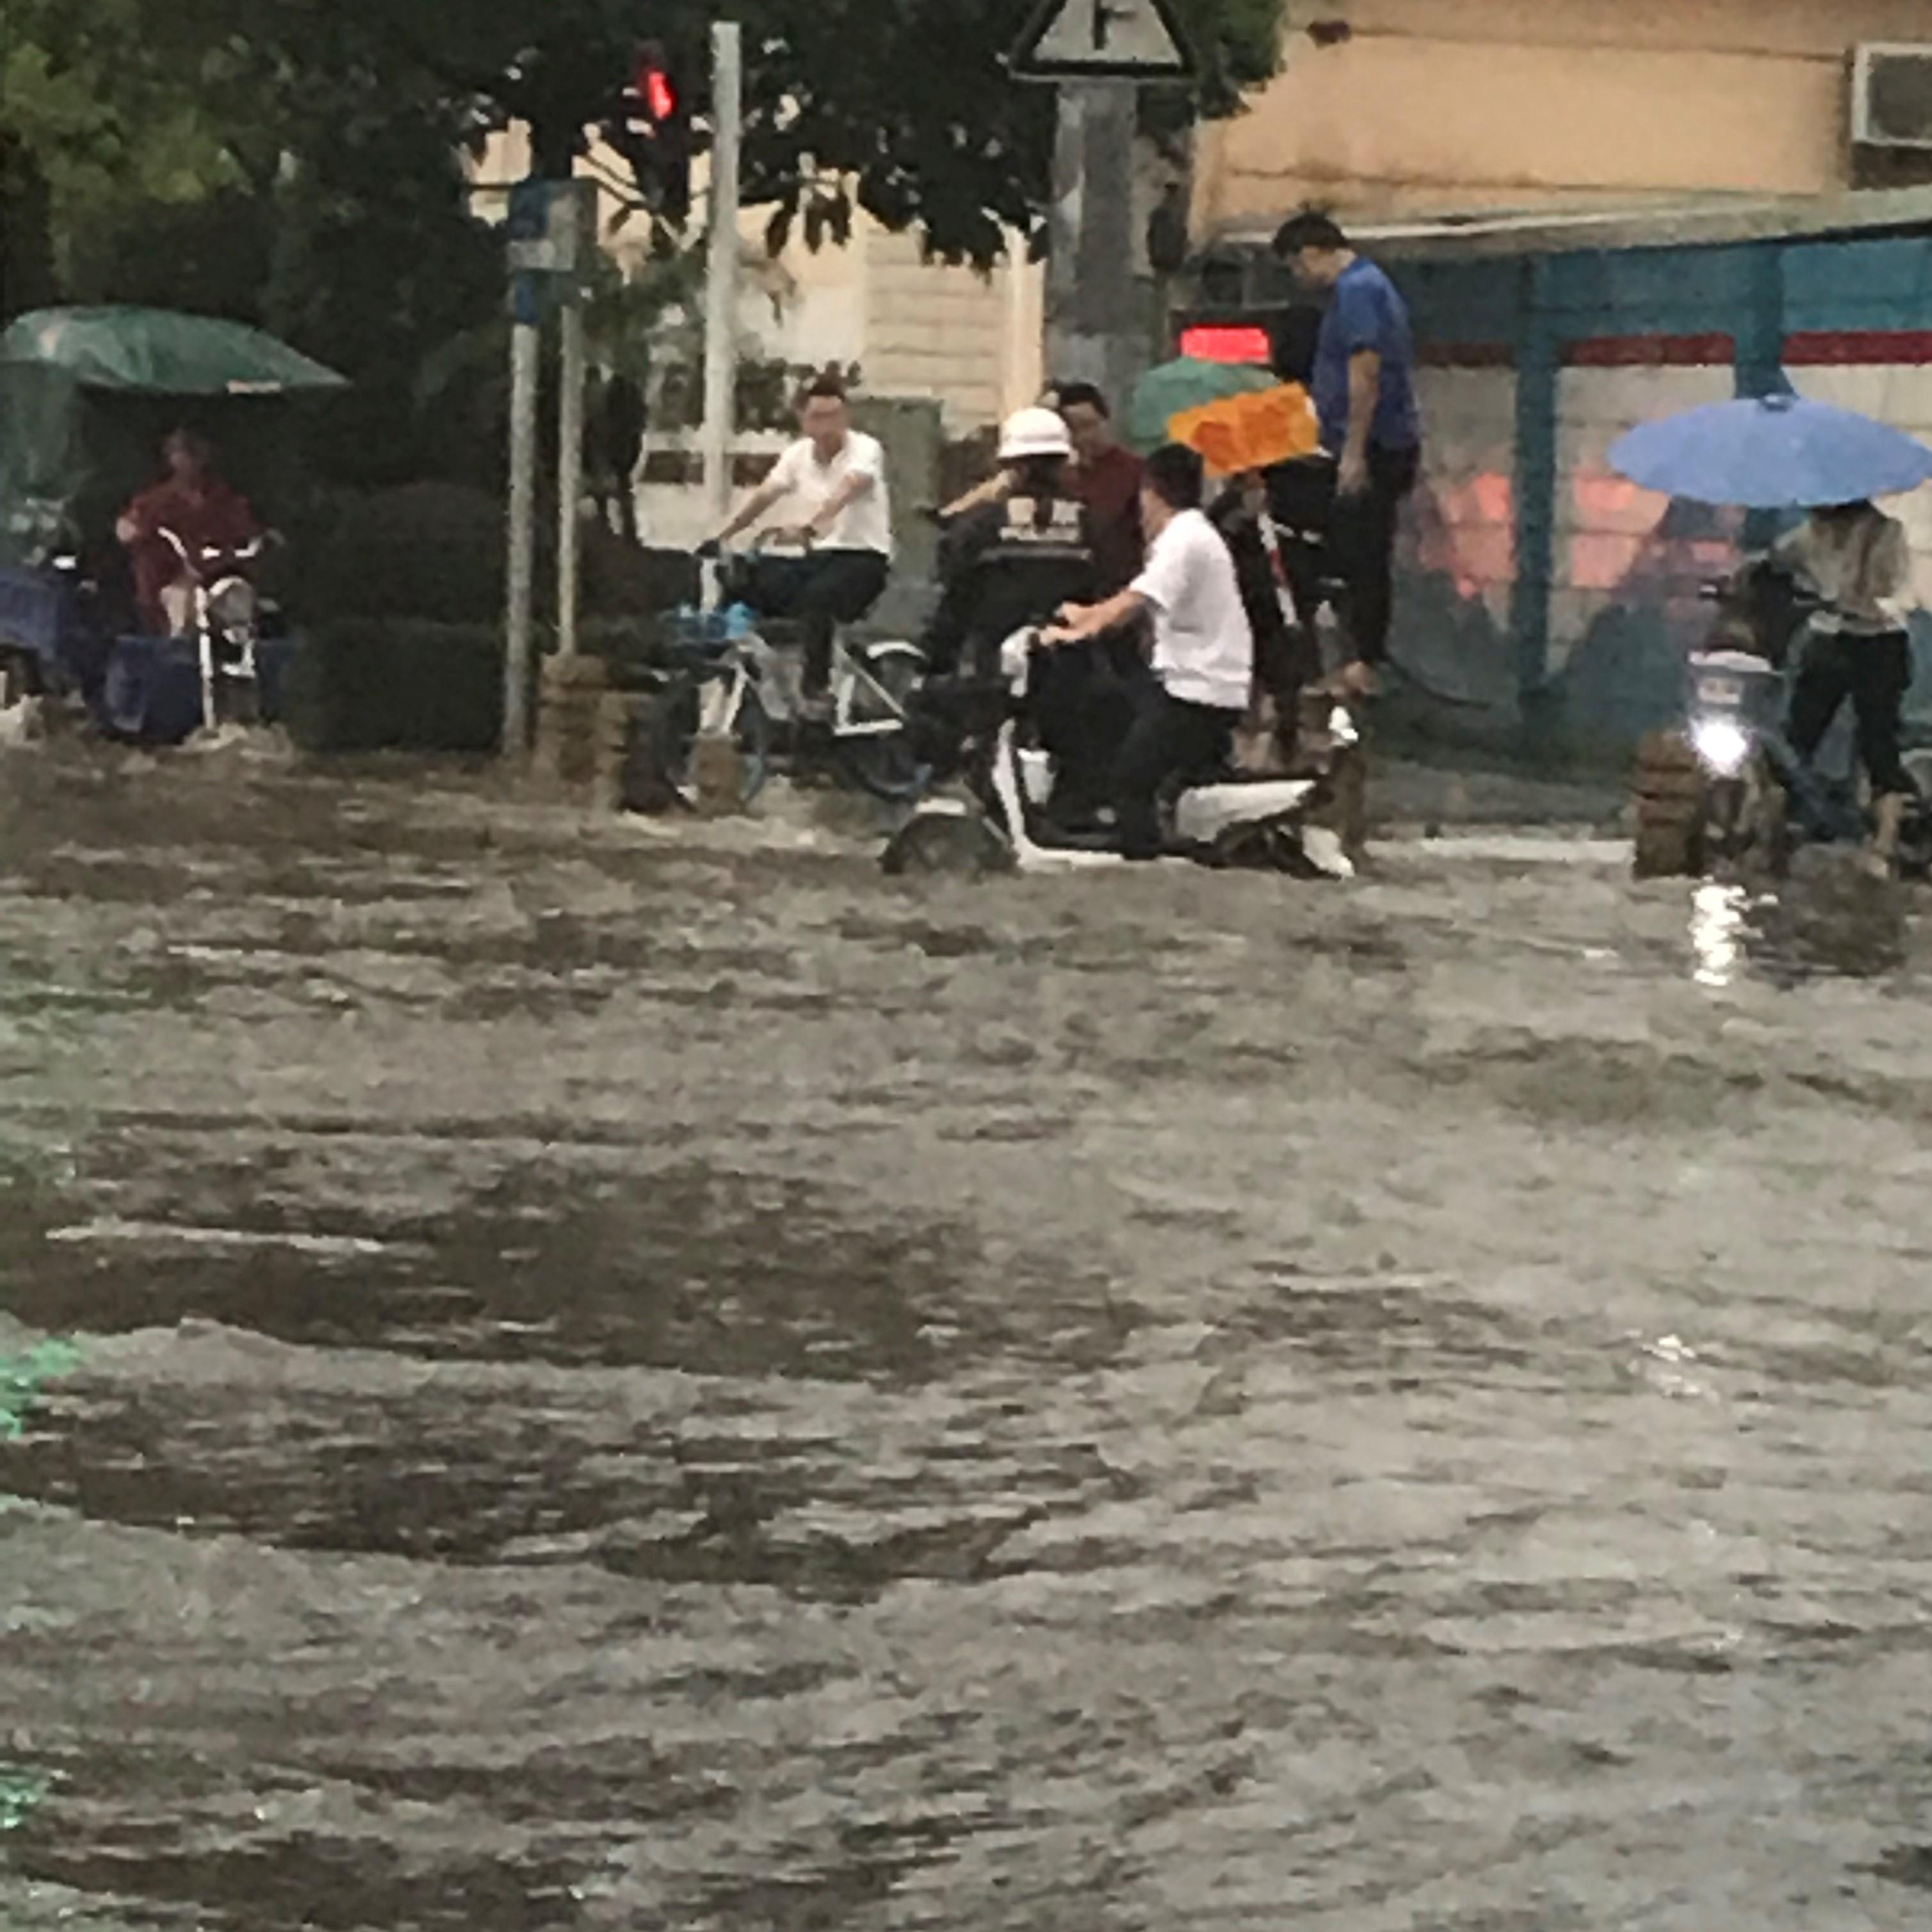 大雨の冠水で困る大陸人の図。。